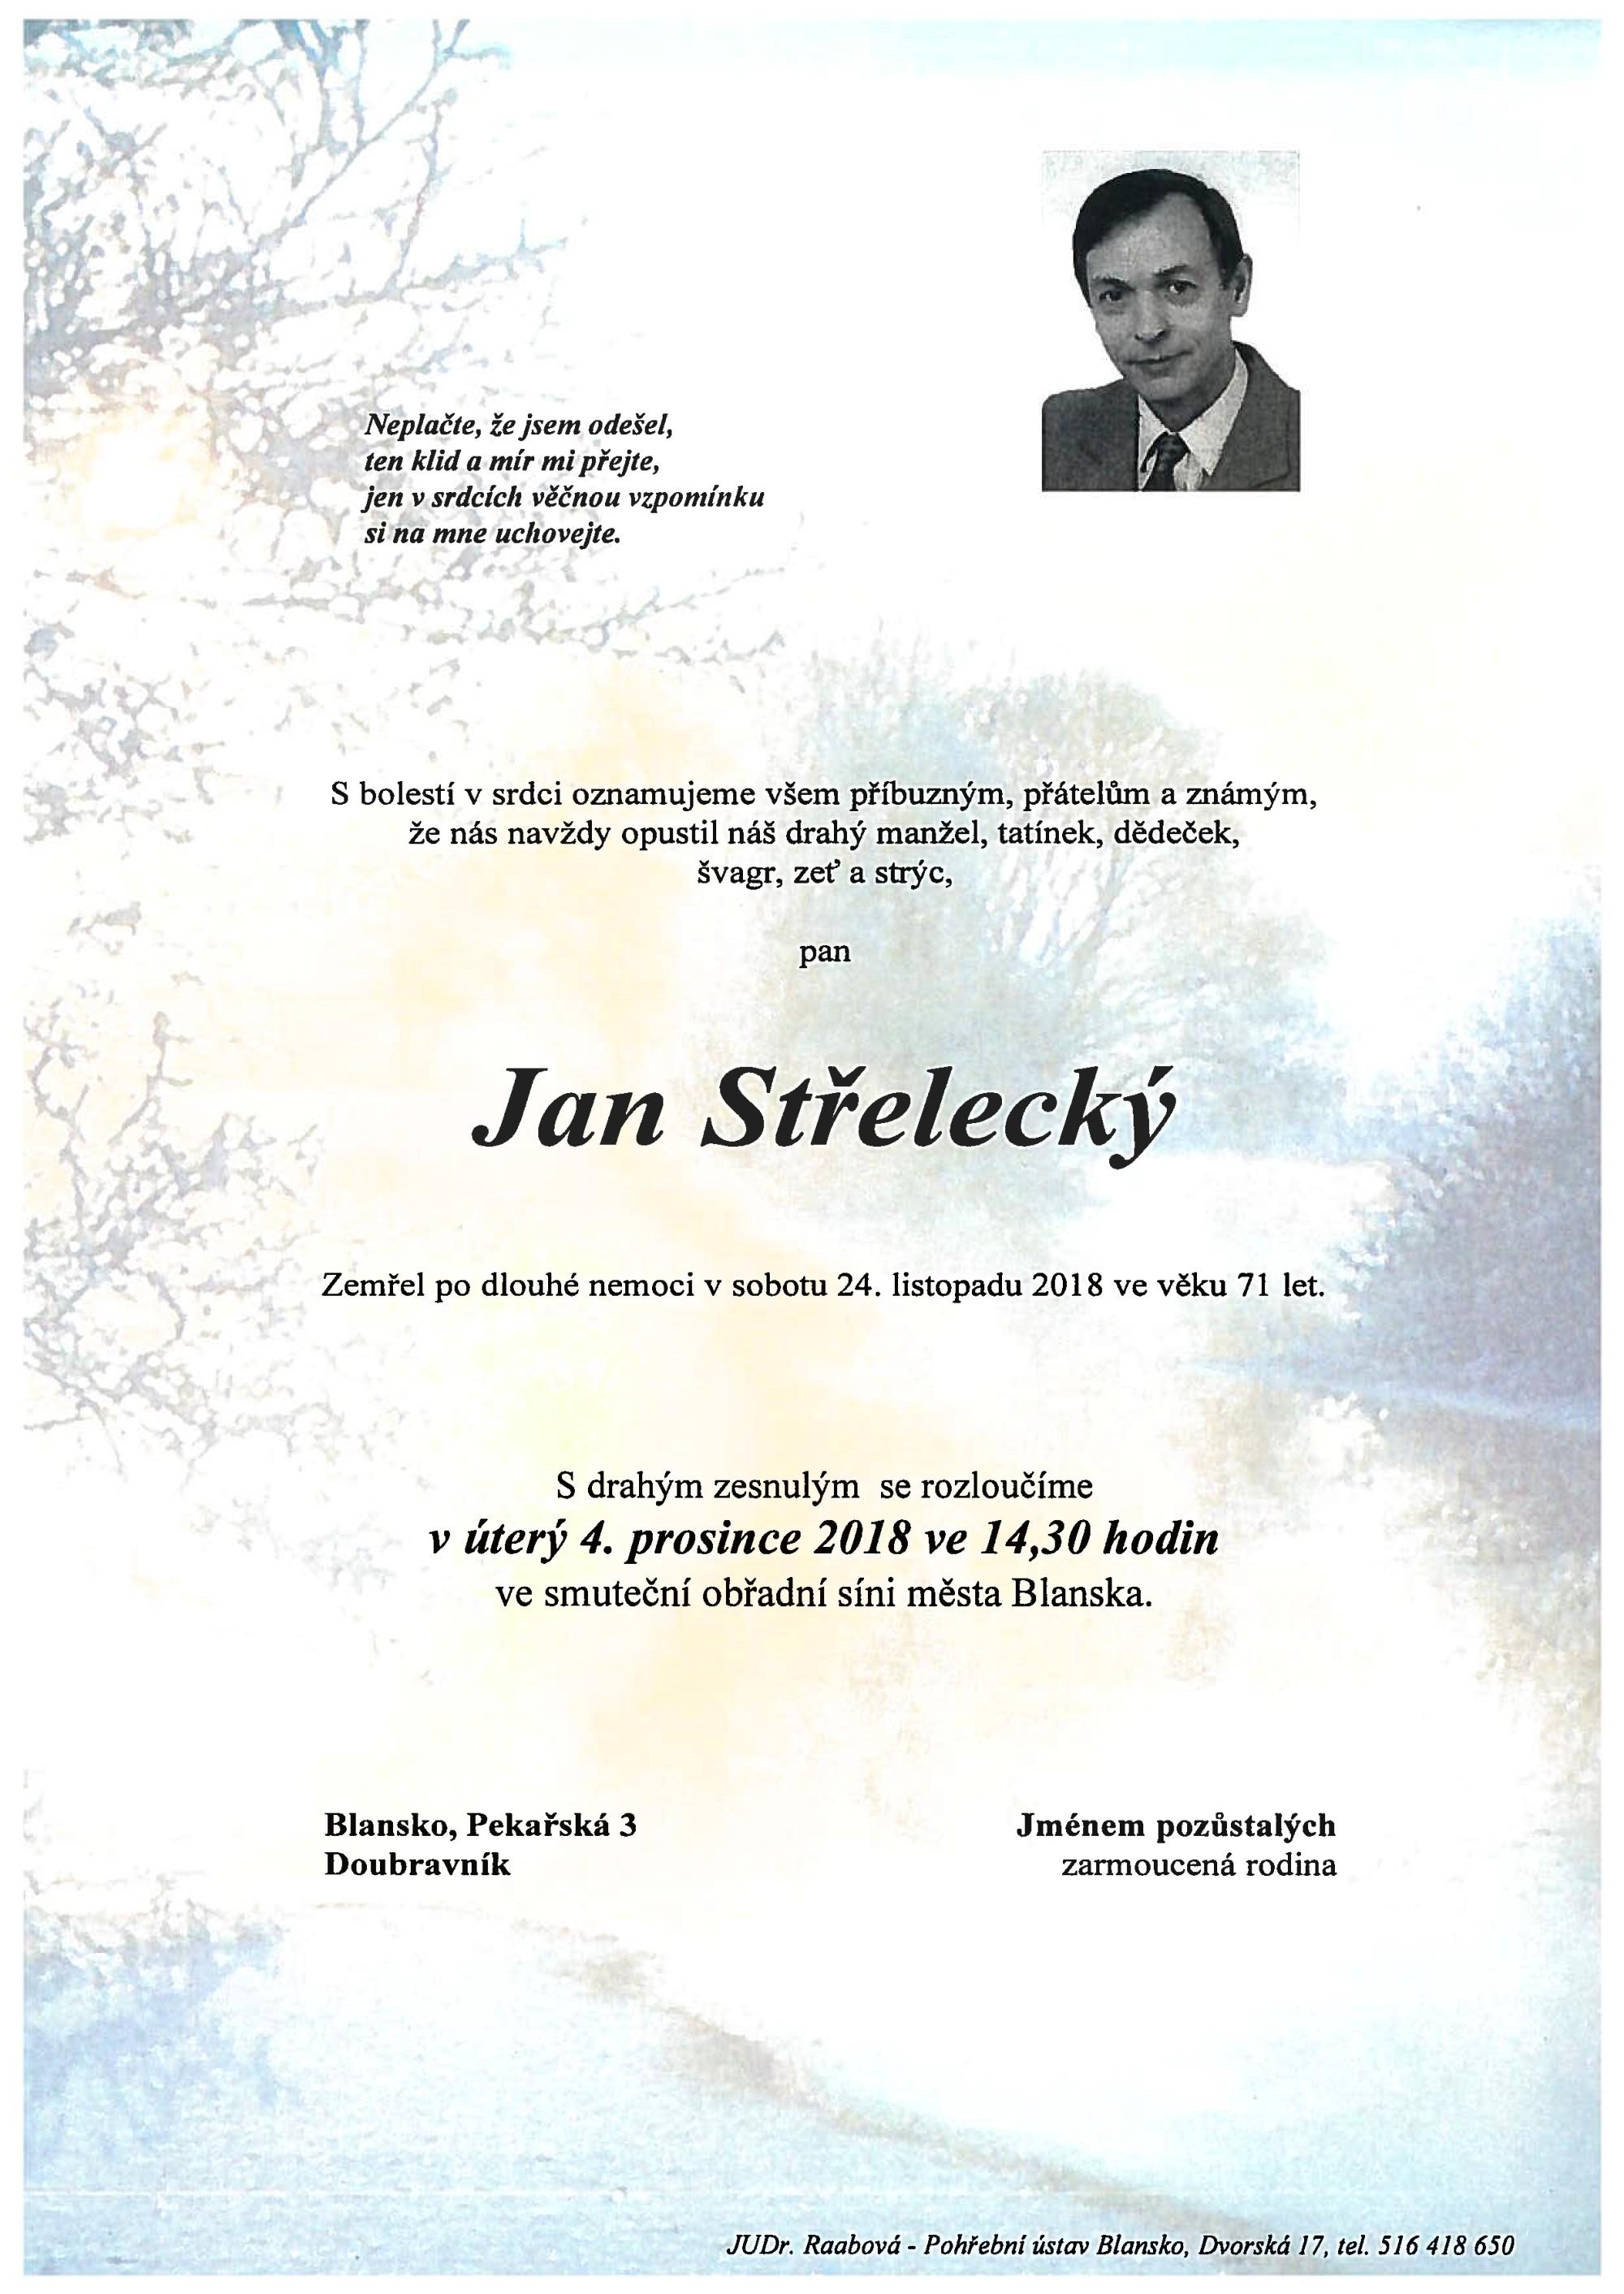 Jan Střelecký